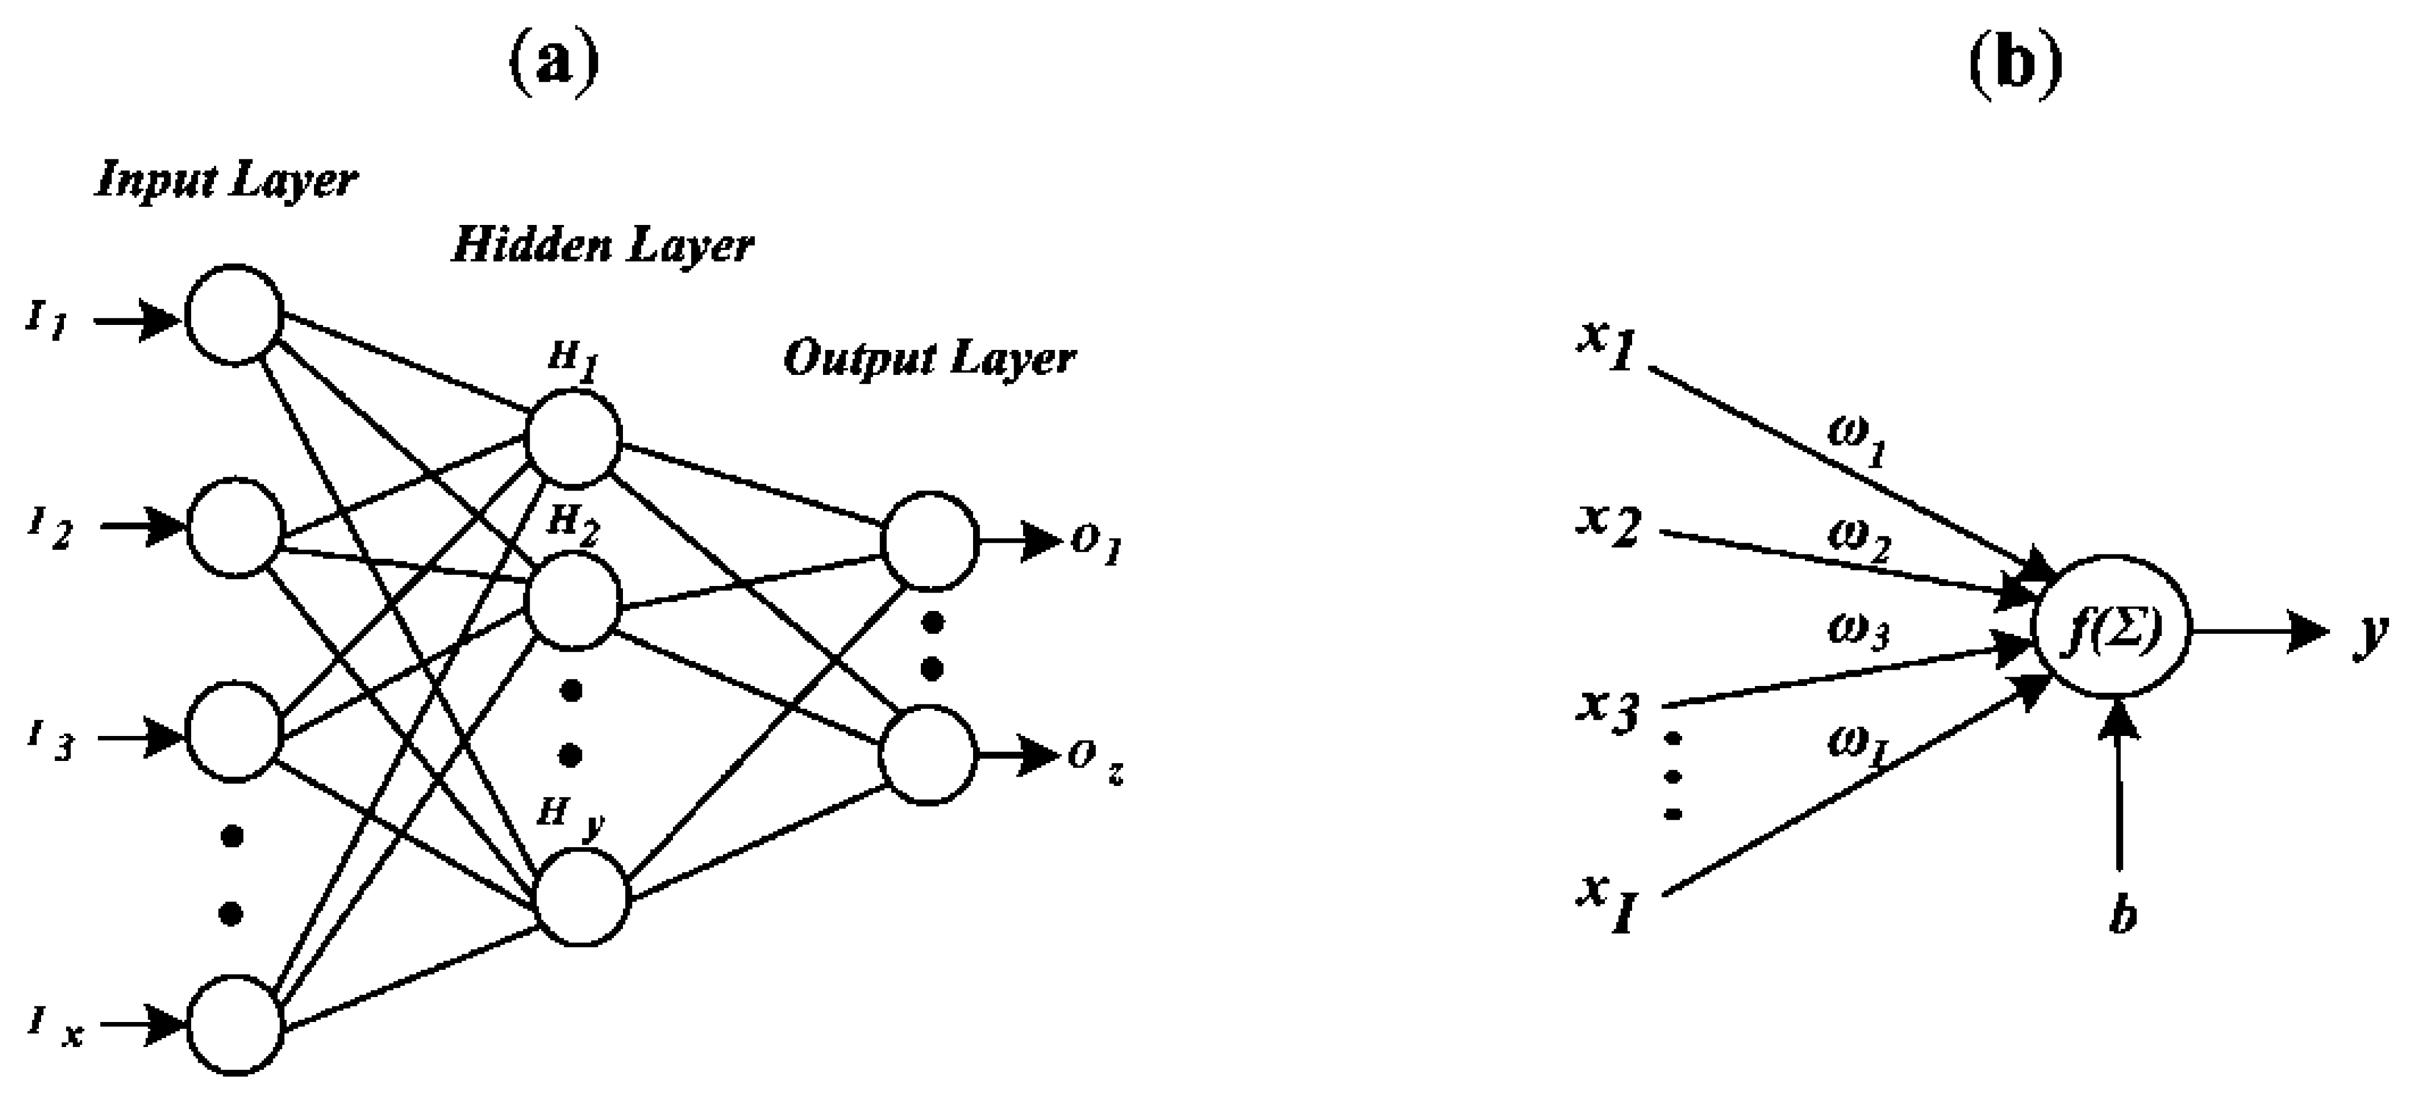 xilinx spartan 6 block diagram